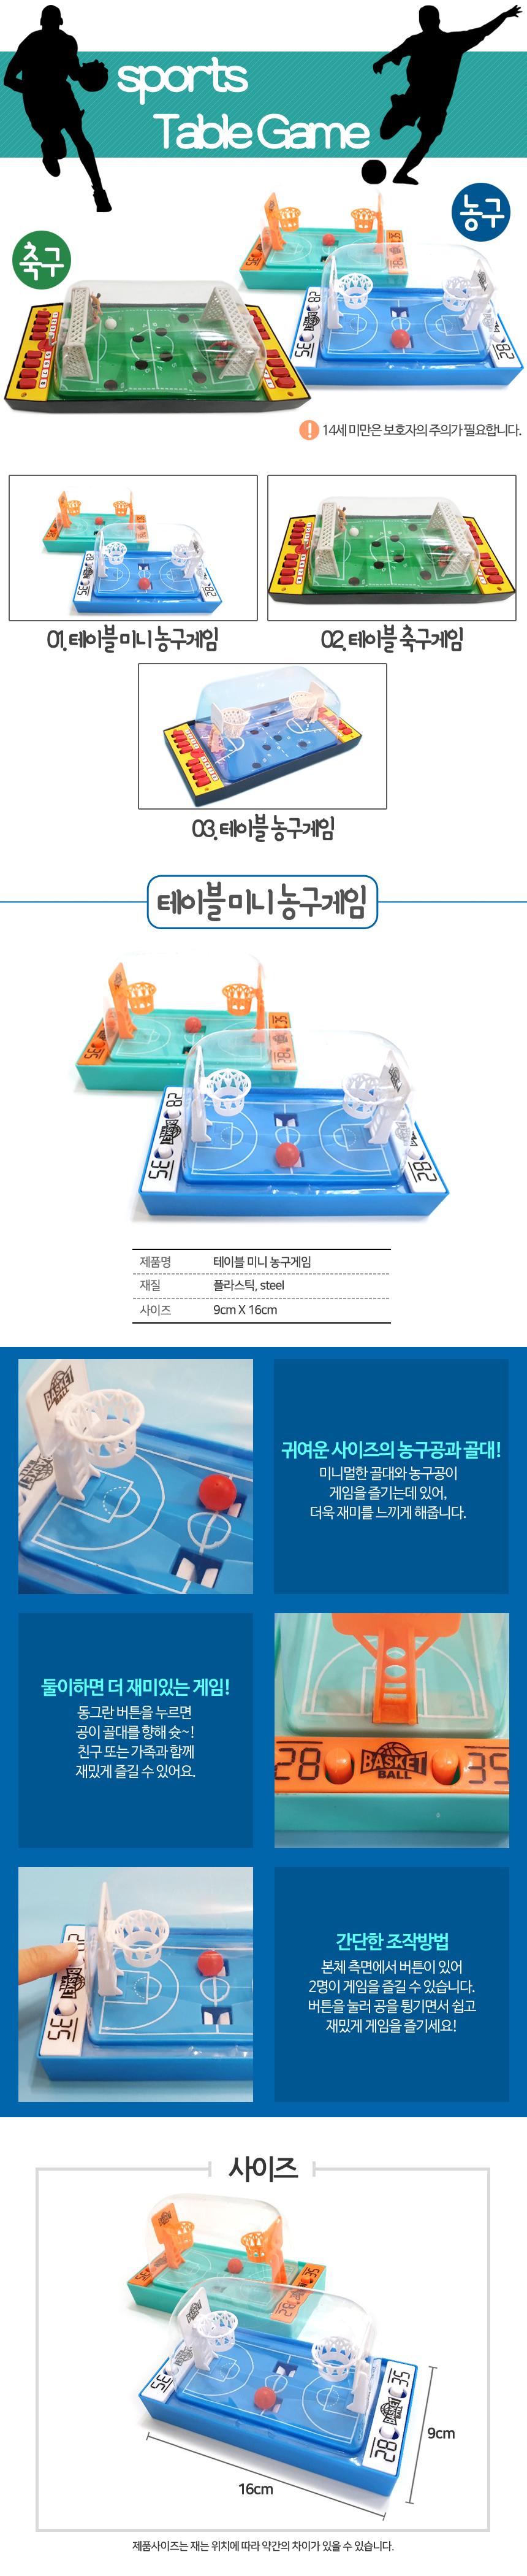 Sportsgame11.jpg